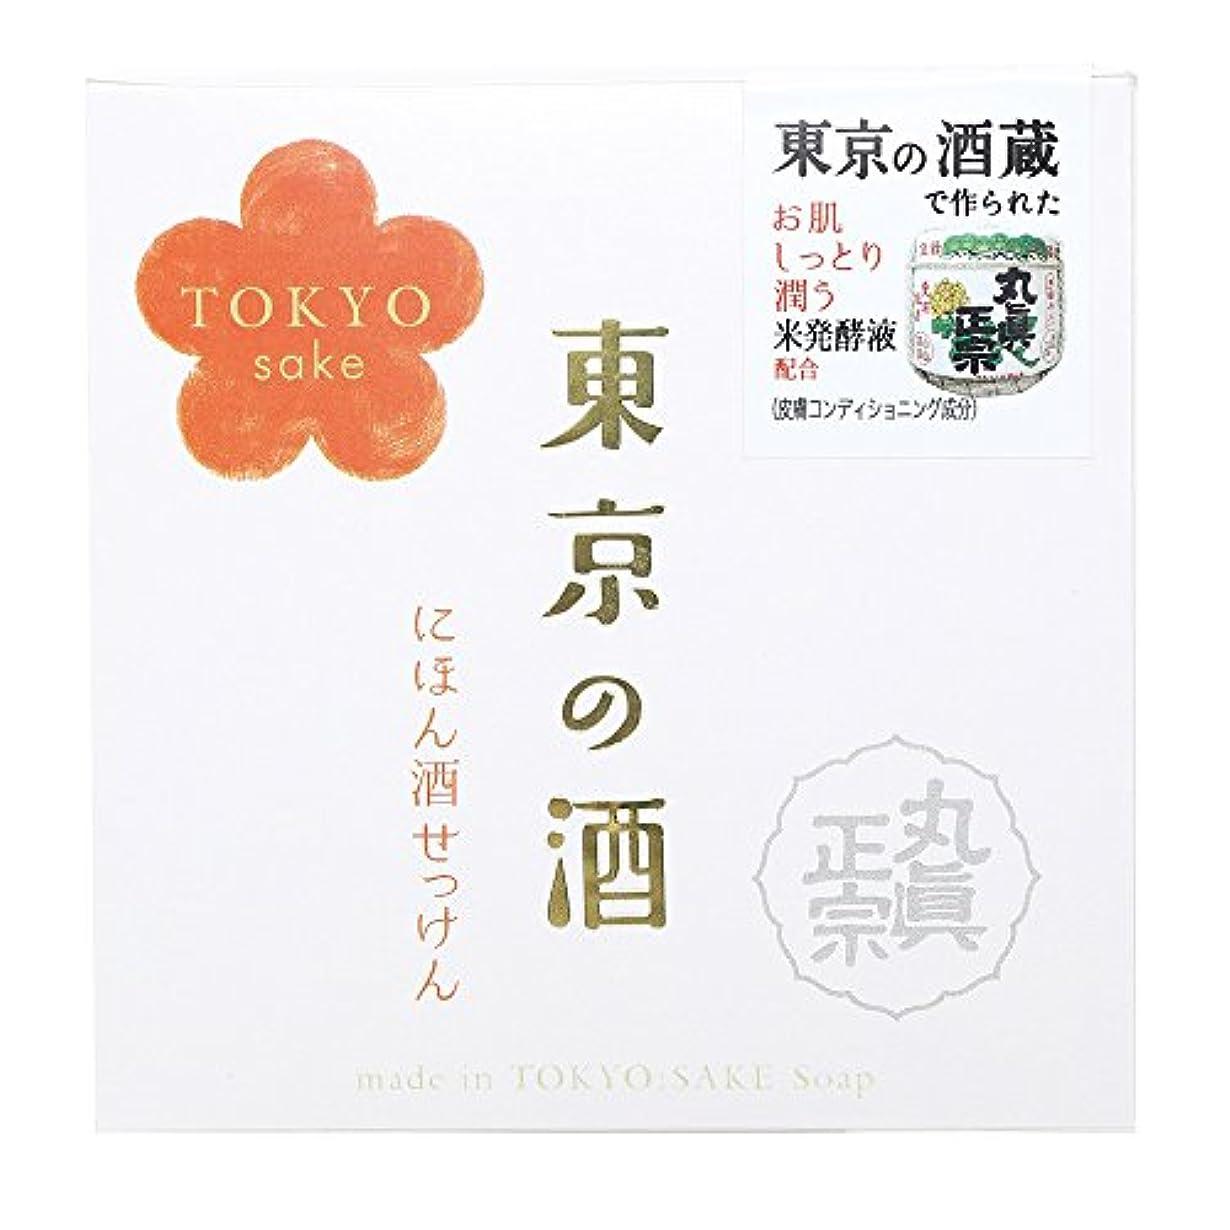 傾向がある突進意気込みノルコーポレーション 東京の酒 石けん OB-TKY-1-1 100g